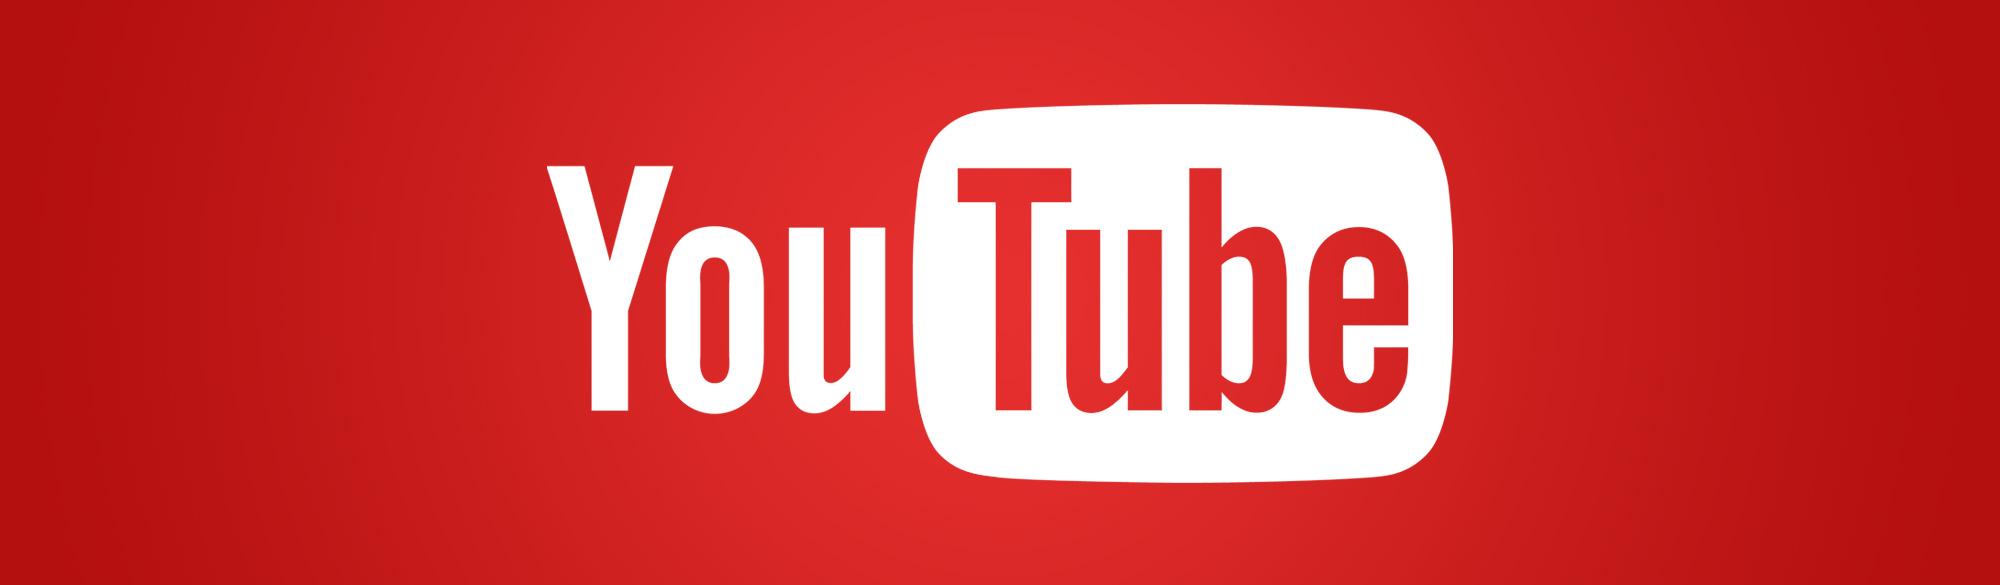 Финалы Лиги чемпионов и Лиги Европы впервые будут показаны на YouTube